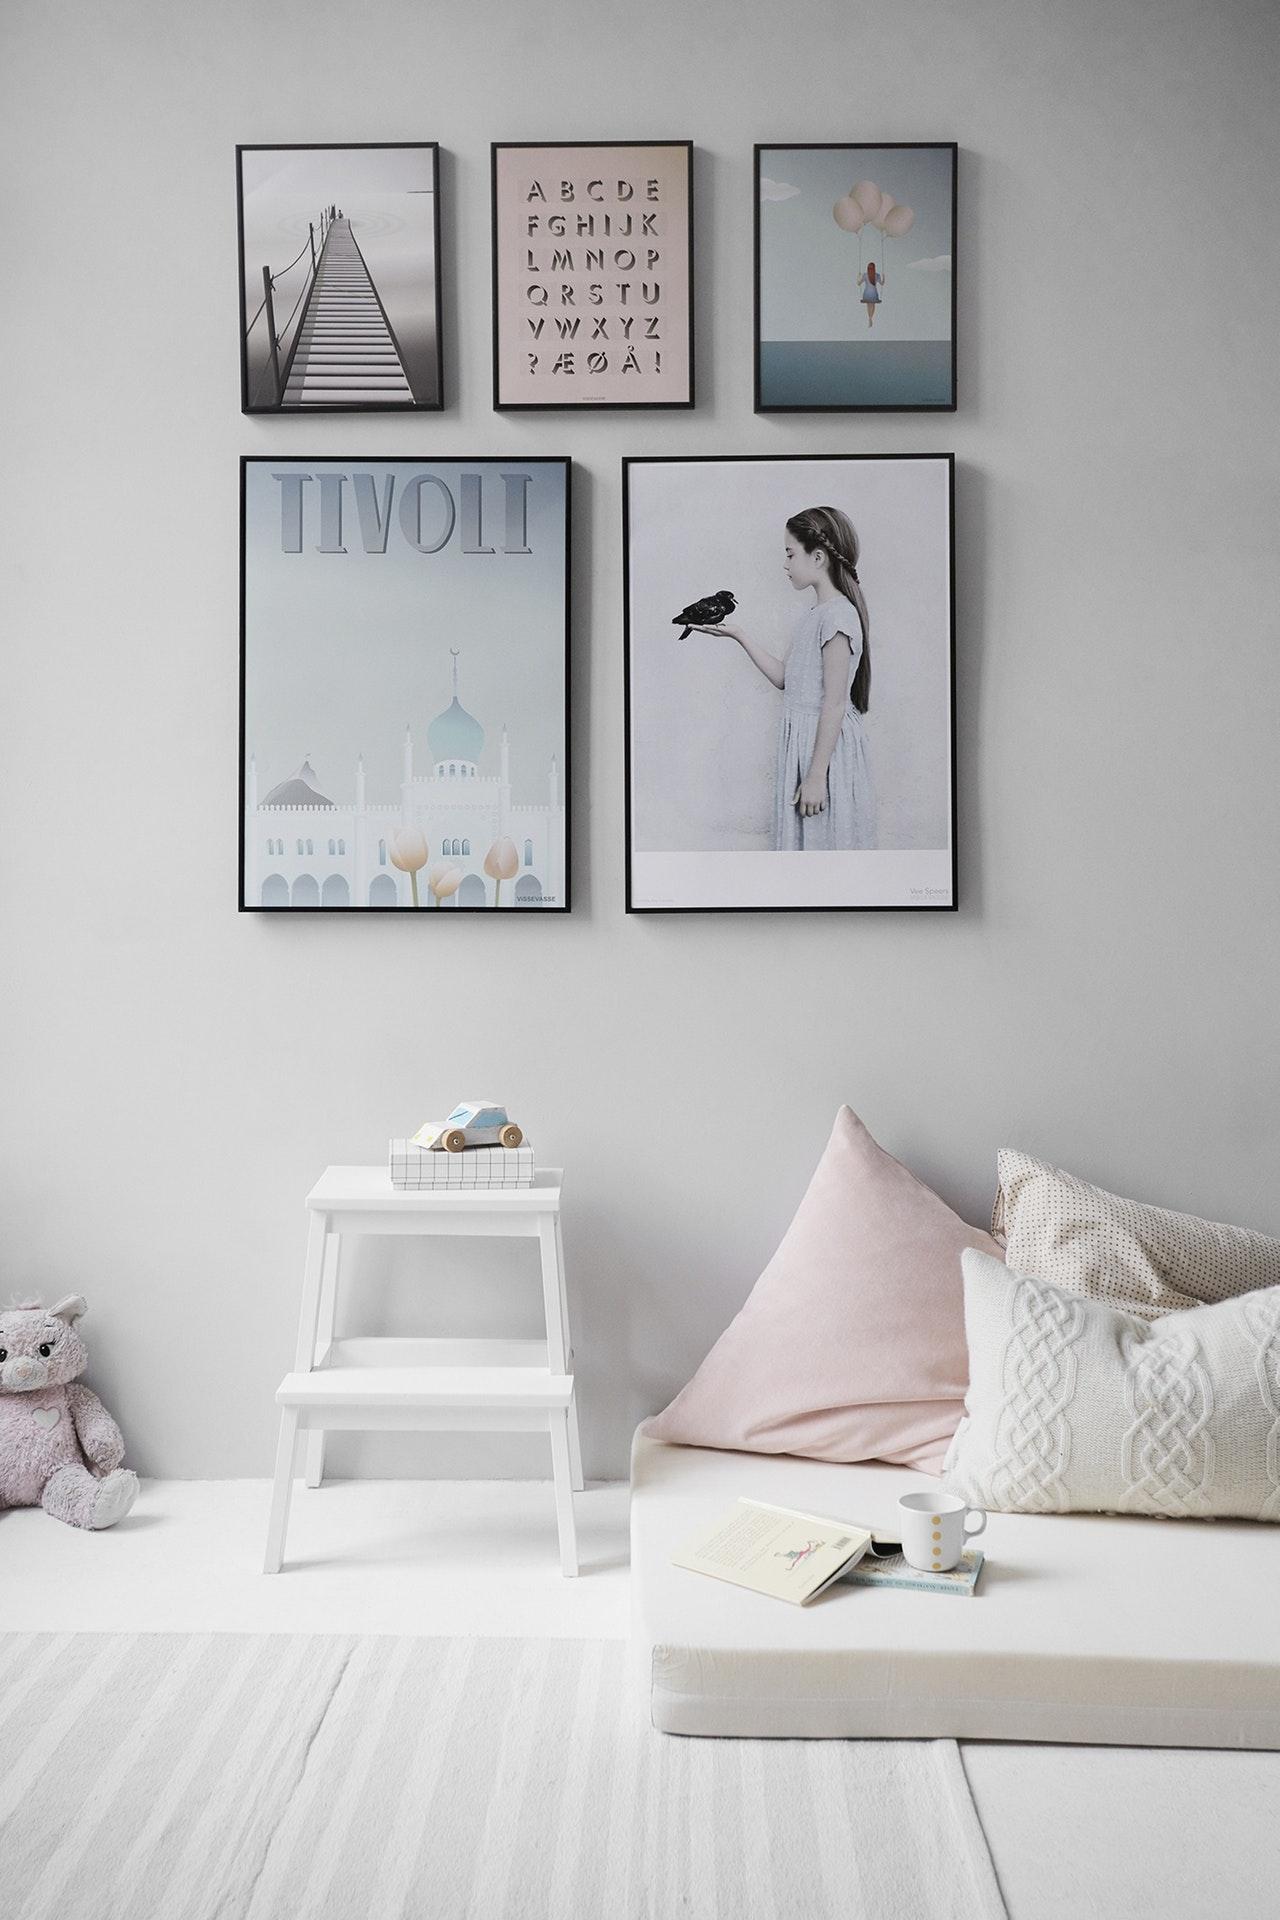 beyaz lamine parkeler ile kurgulanmış bir oda